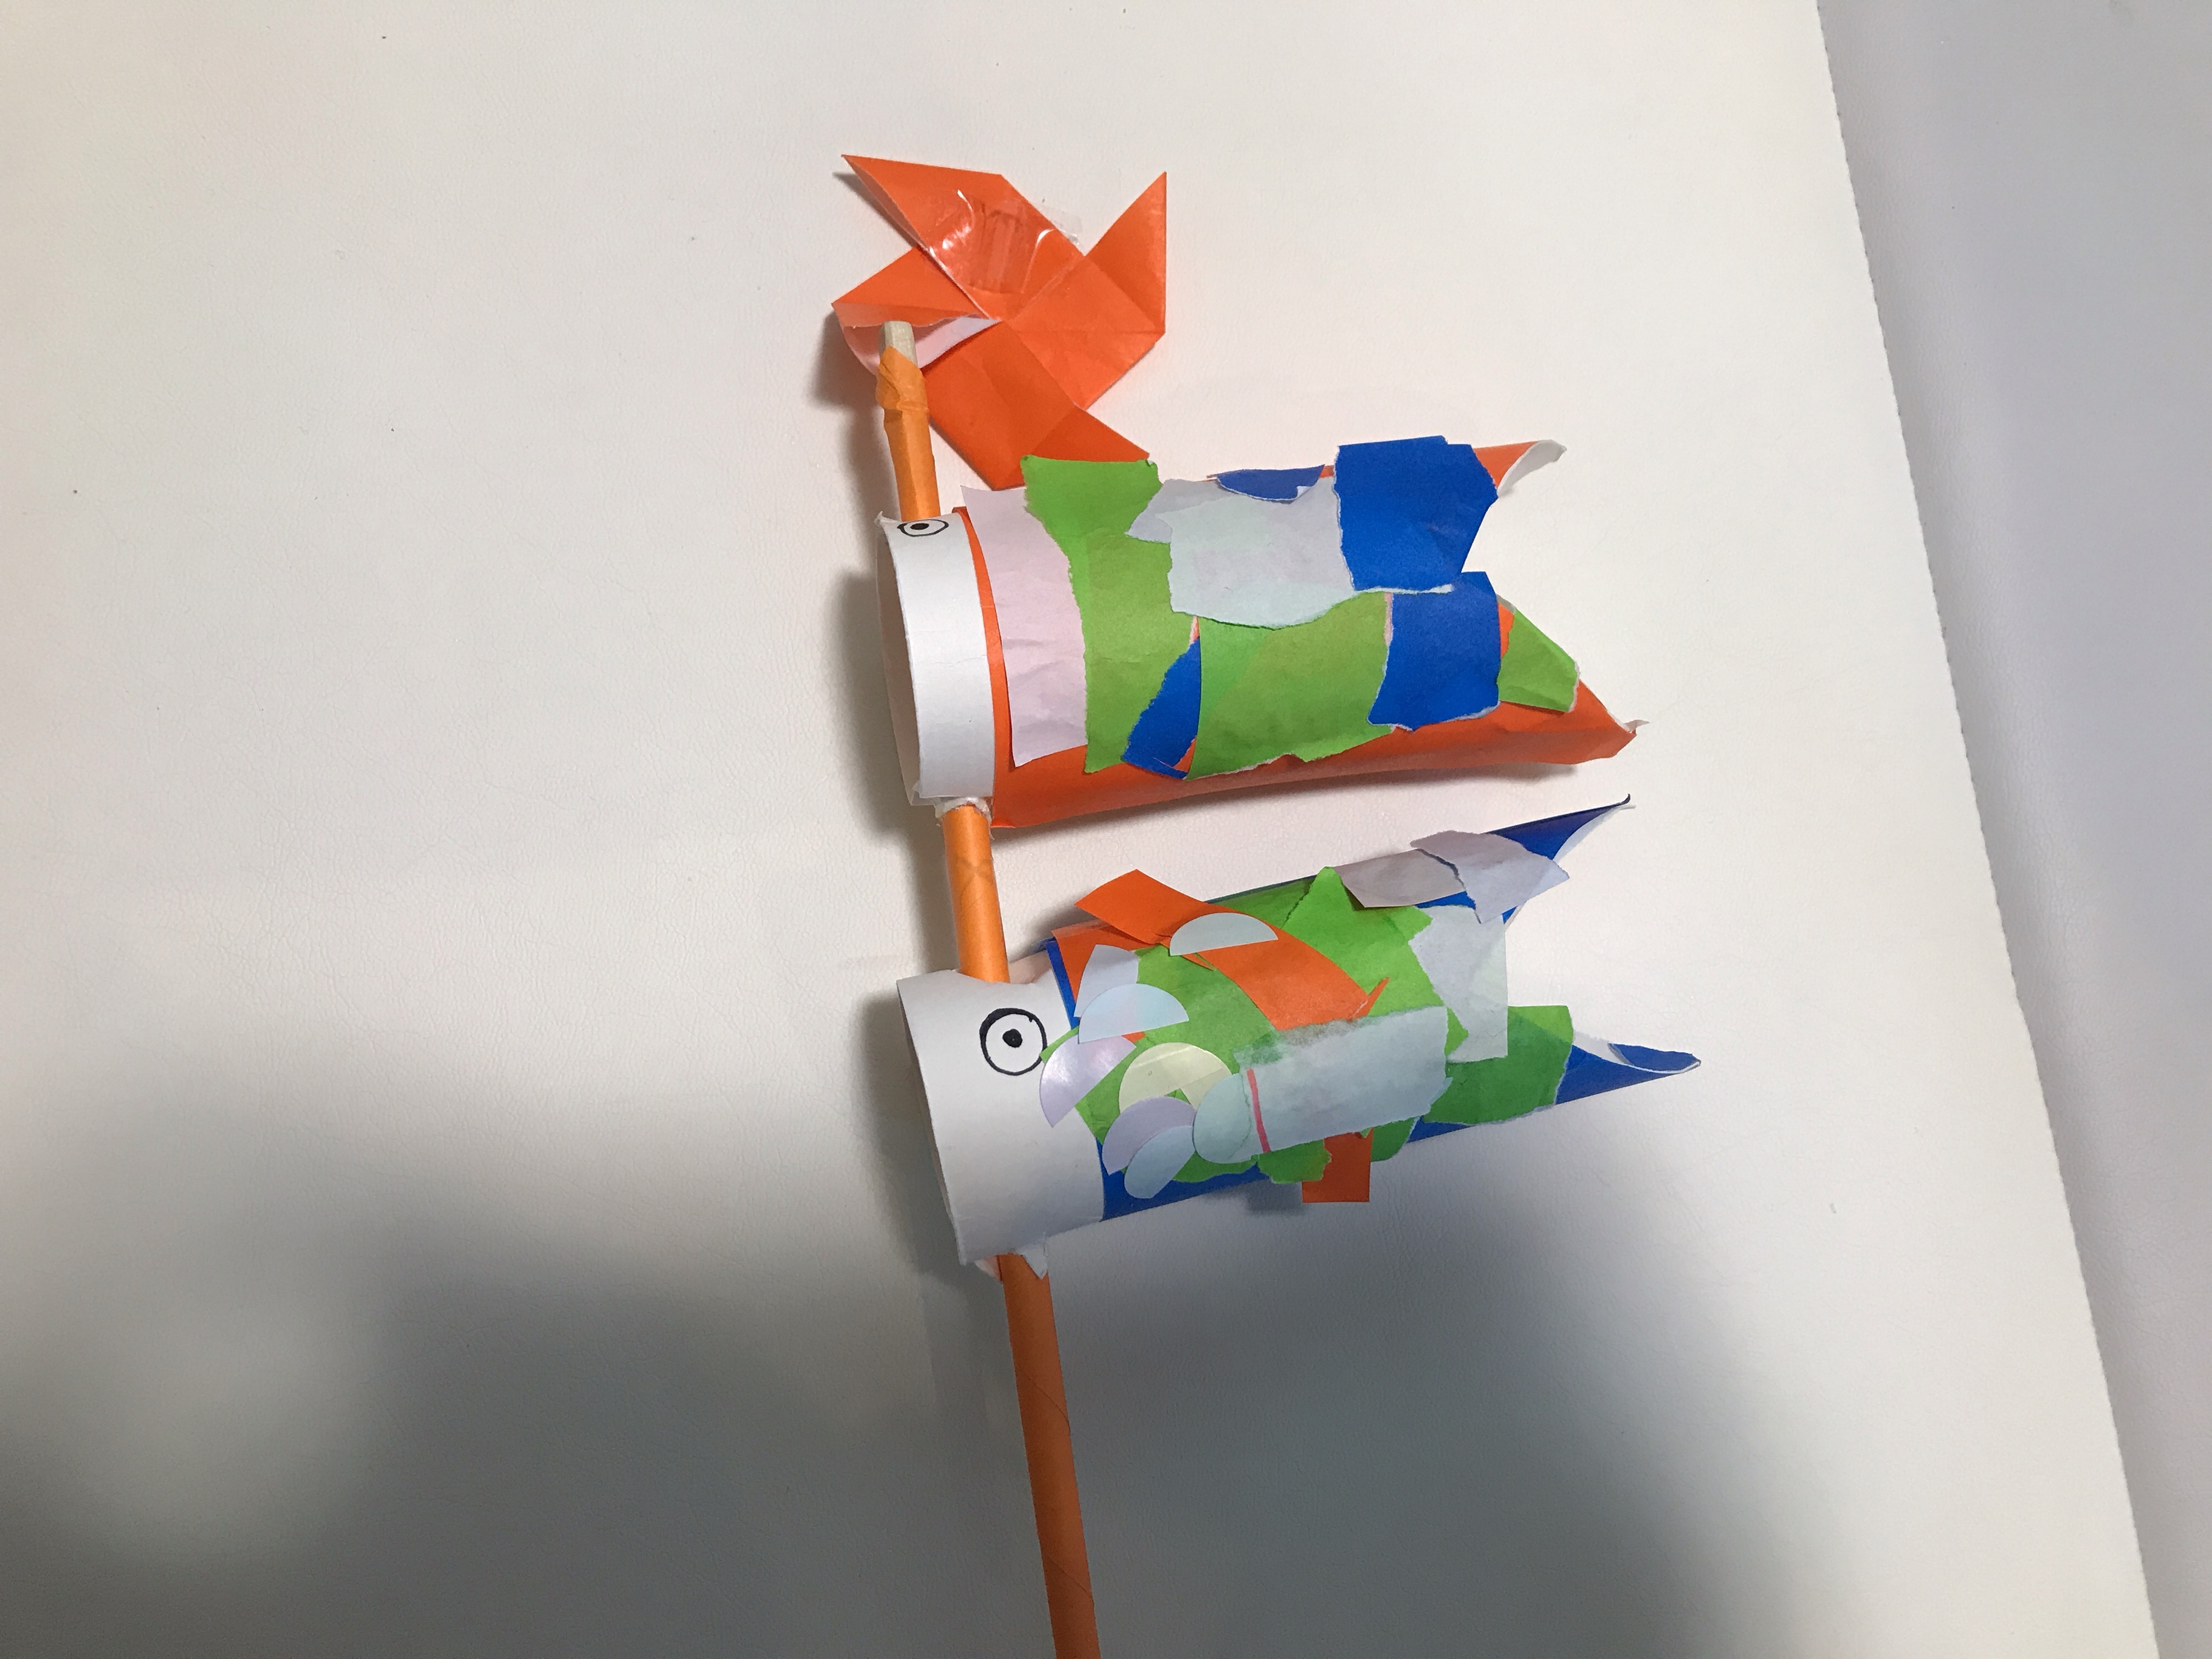 鯉のぼり 工作 トイレットペーパー